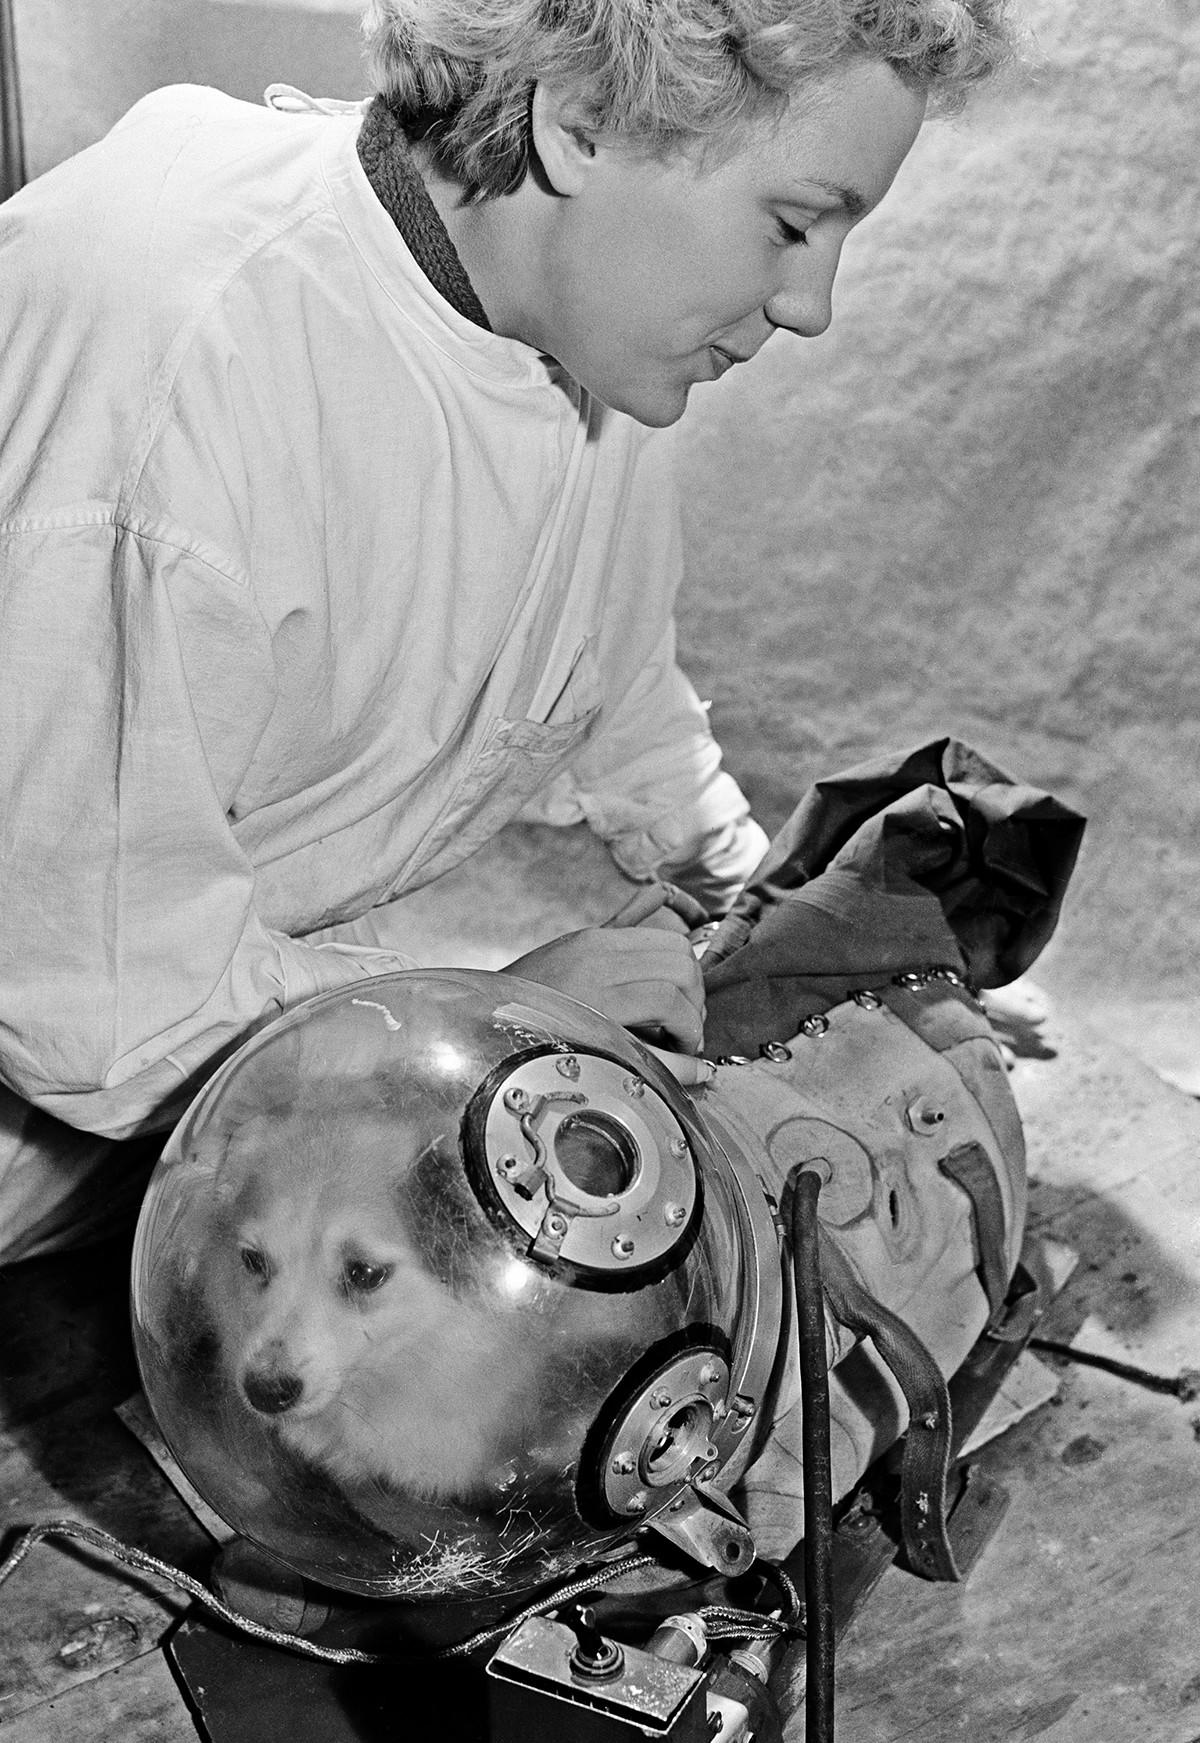 Космическую собаку Козявку готовят к испытательному полету в 1959 году.